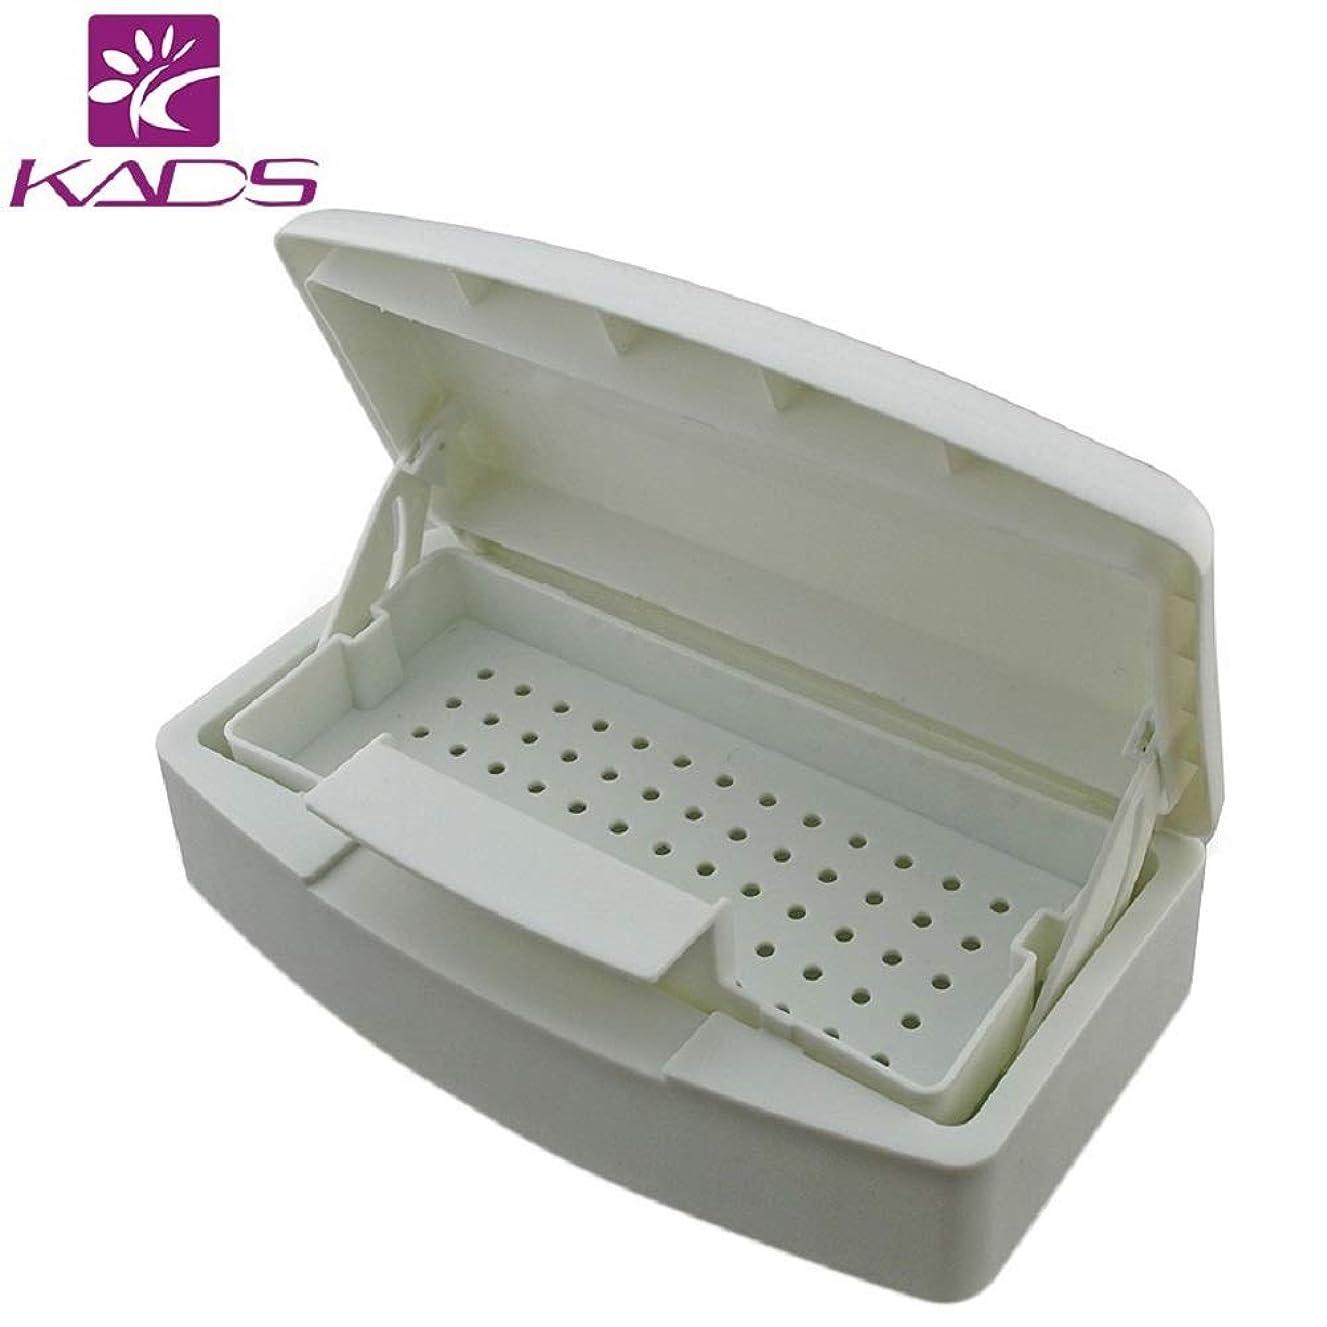 腹控えめな子犬KADSネイルアートツールアルコール滅菌ボックス マニキュアツール消毒用容器 ネイルツール滅菌トレイ 滅菌ボックス